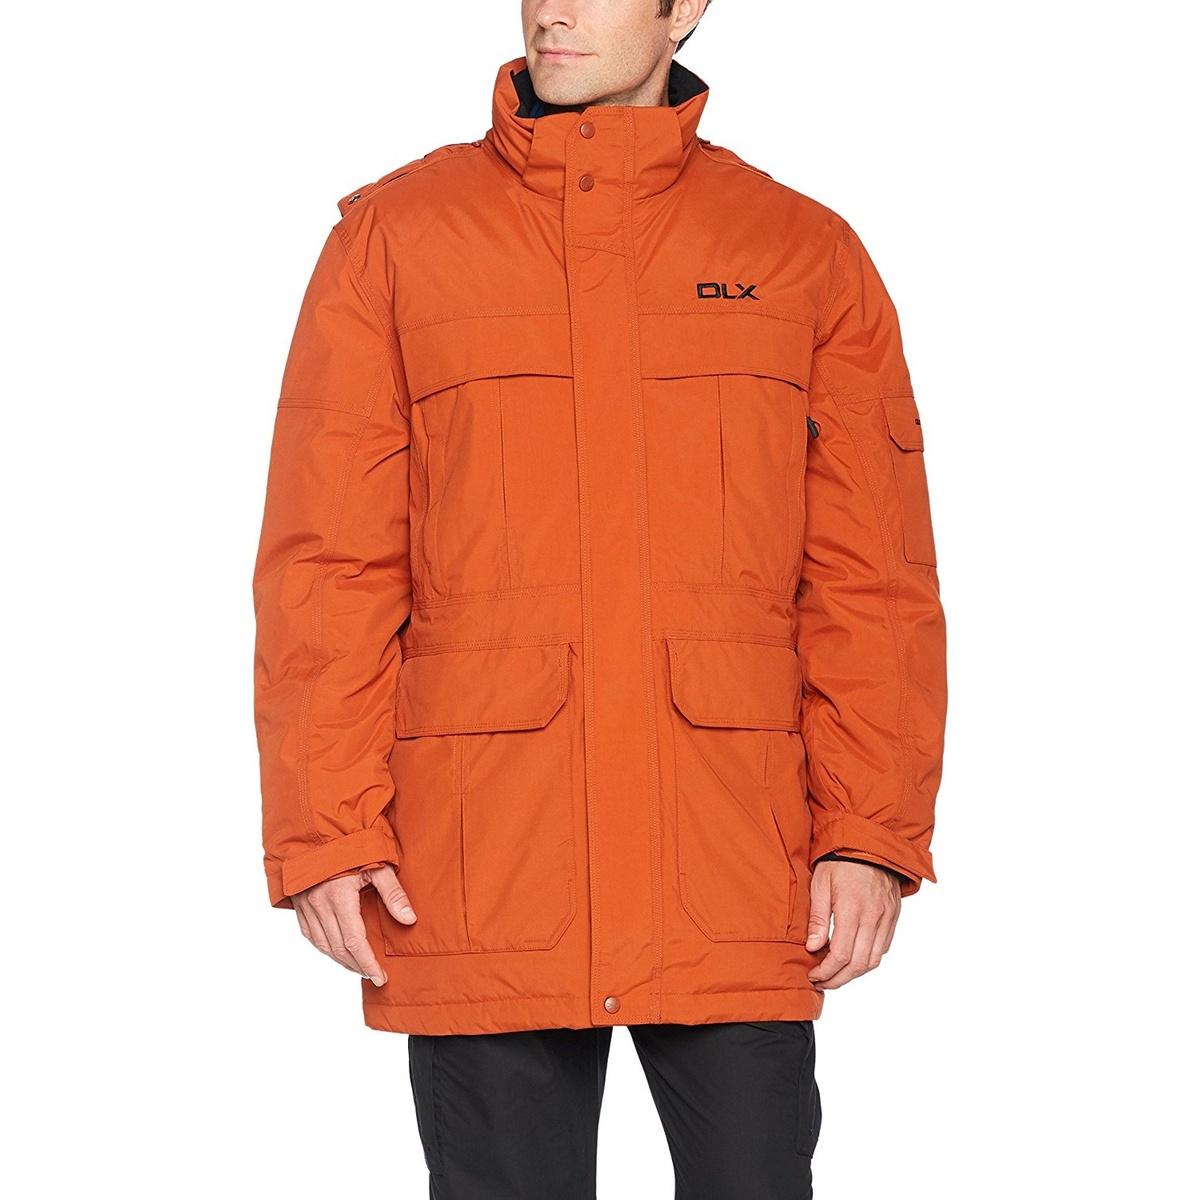 (トレスパス) Trespass メンズ ハイランド 防水 パーカジャケット アウトドア アウター 【海外直送】